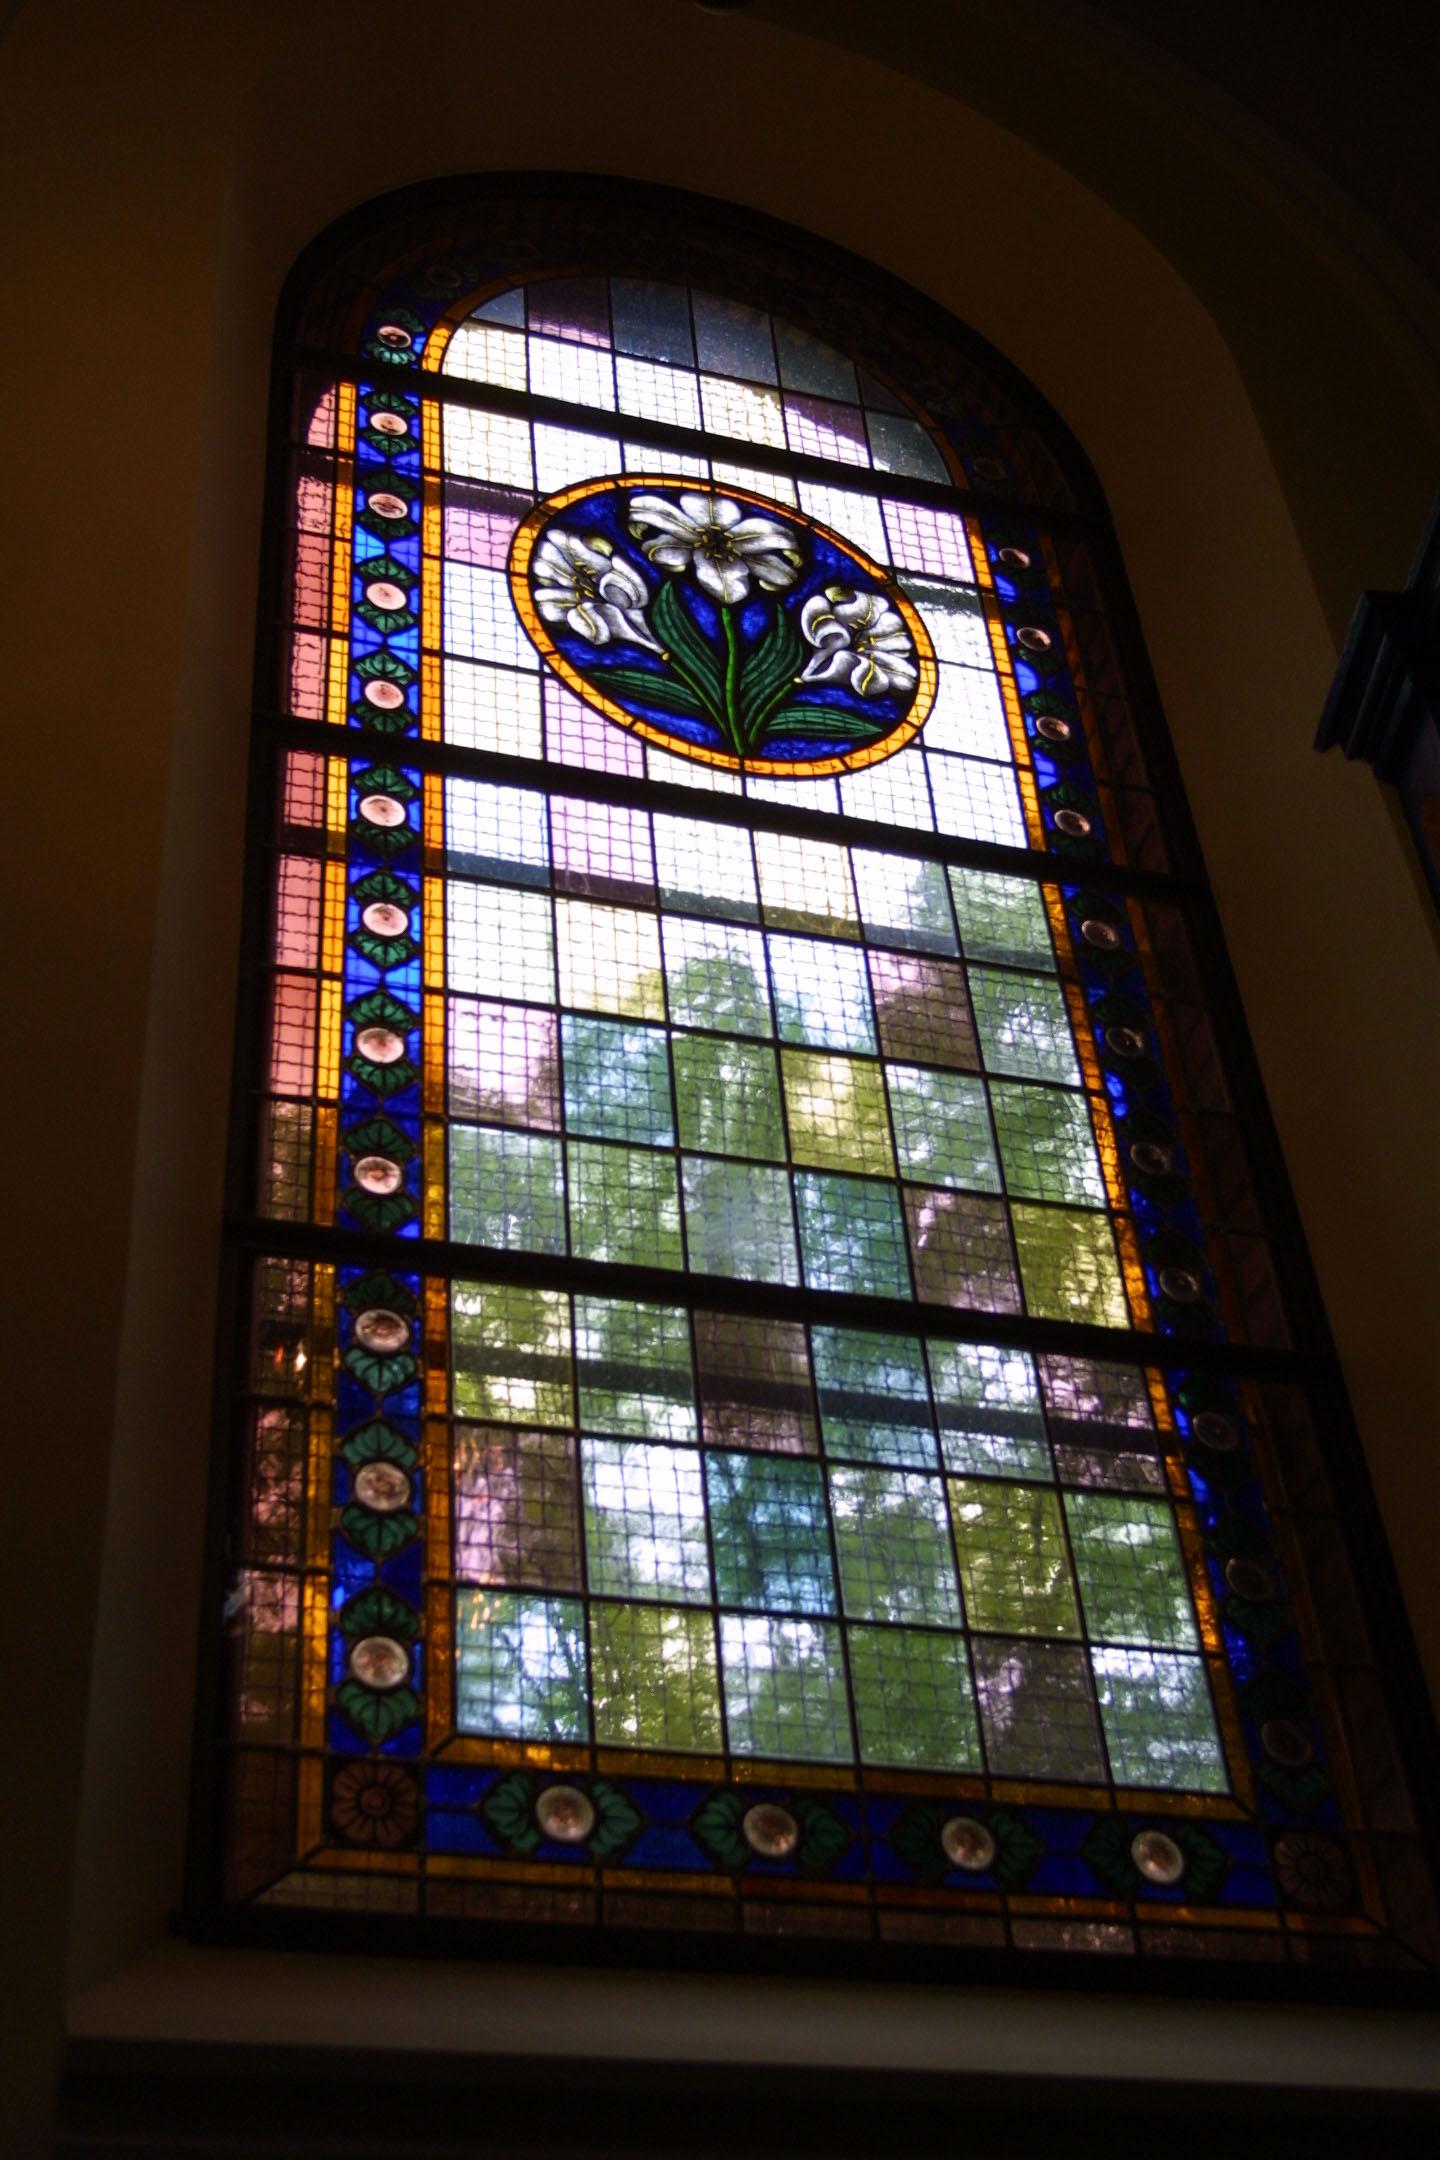 Kirchenfenster der St. Marien am Behnitz, Bleiverglasung und Glasmalerei individuell gefertigt Motiv Lilien